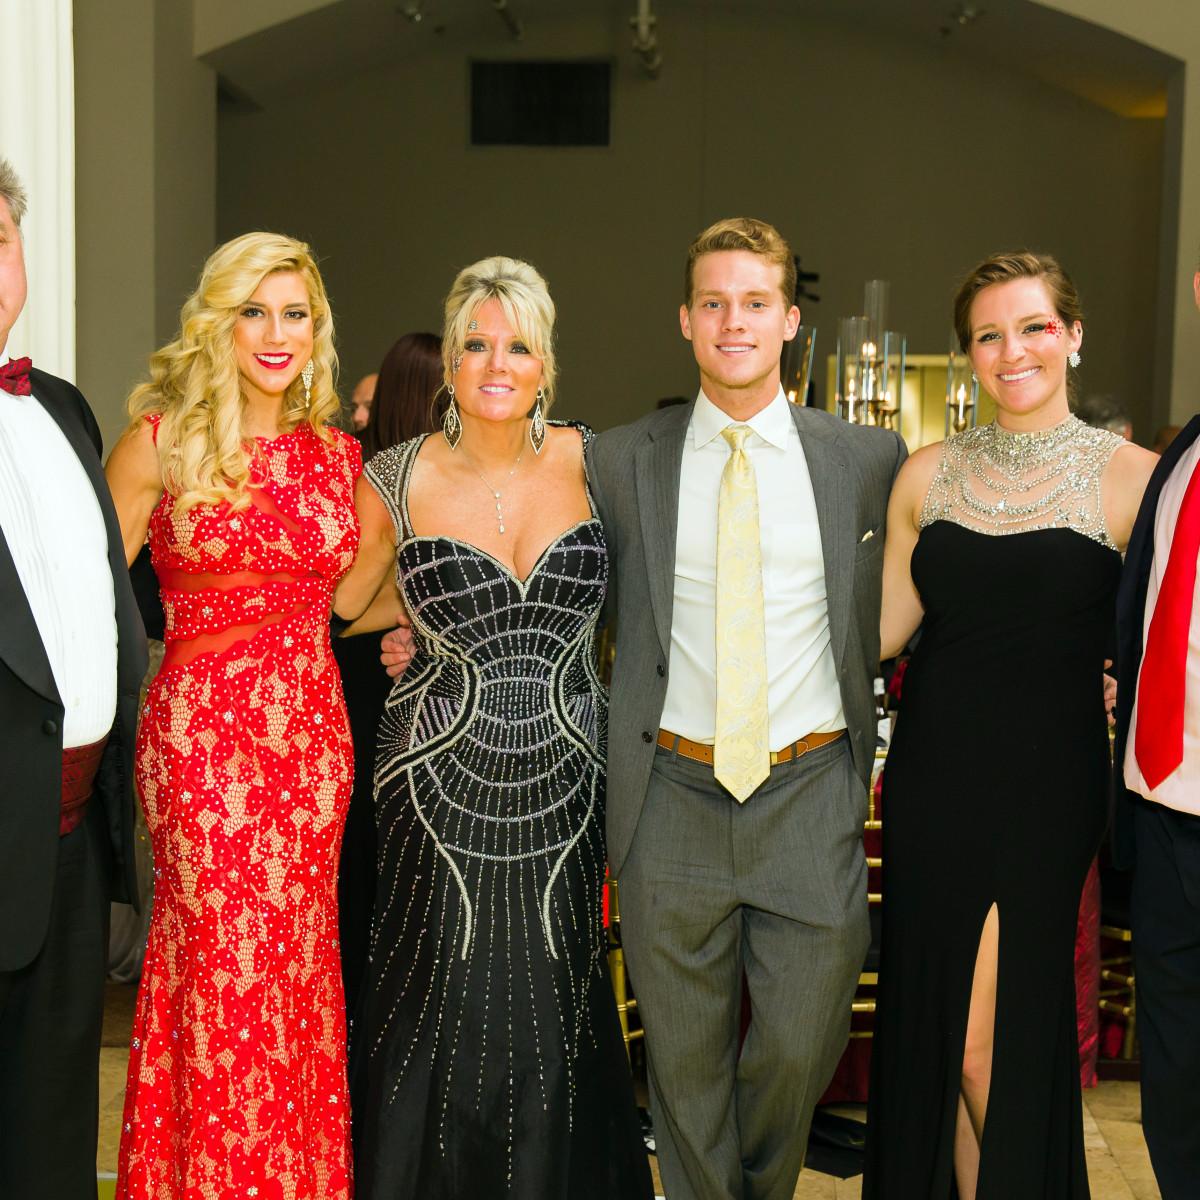 Houston, Jamies Hope Gala, October 2015, John Ehrman, Angela Zatopek, Elizabeth Ehrman, Christopher Zatopek, Audrey Zatopek, Joshus Zatopek